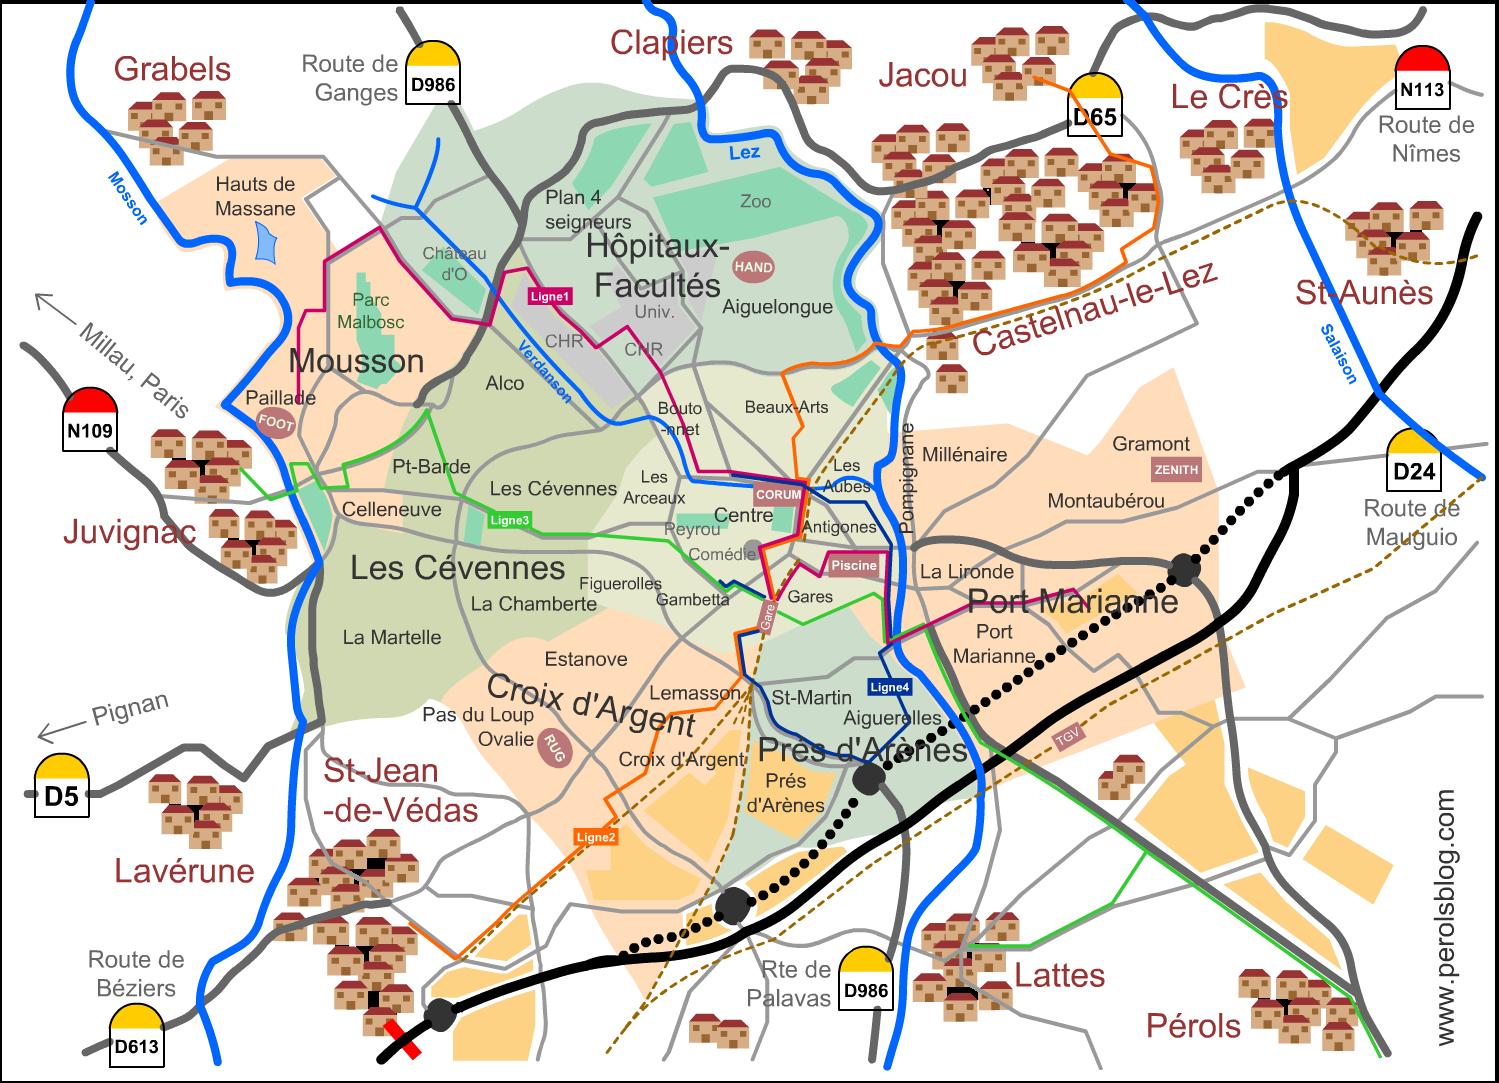 Plan des quartiers de Montpellier